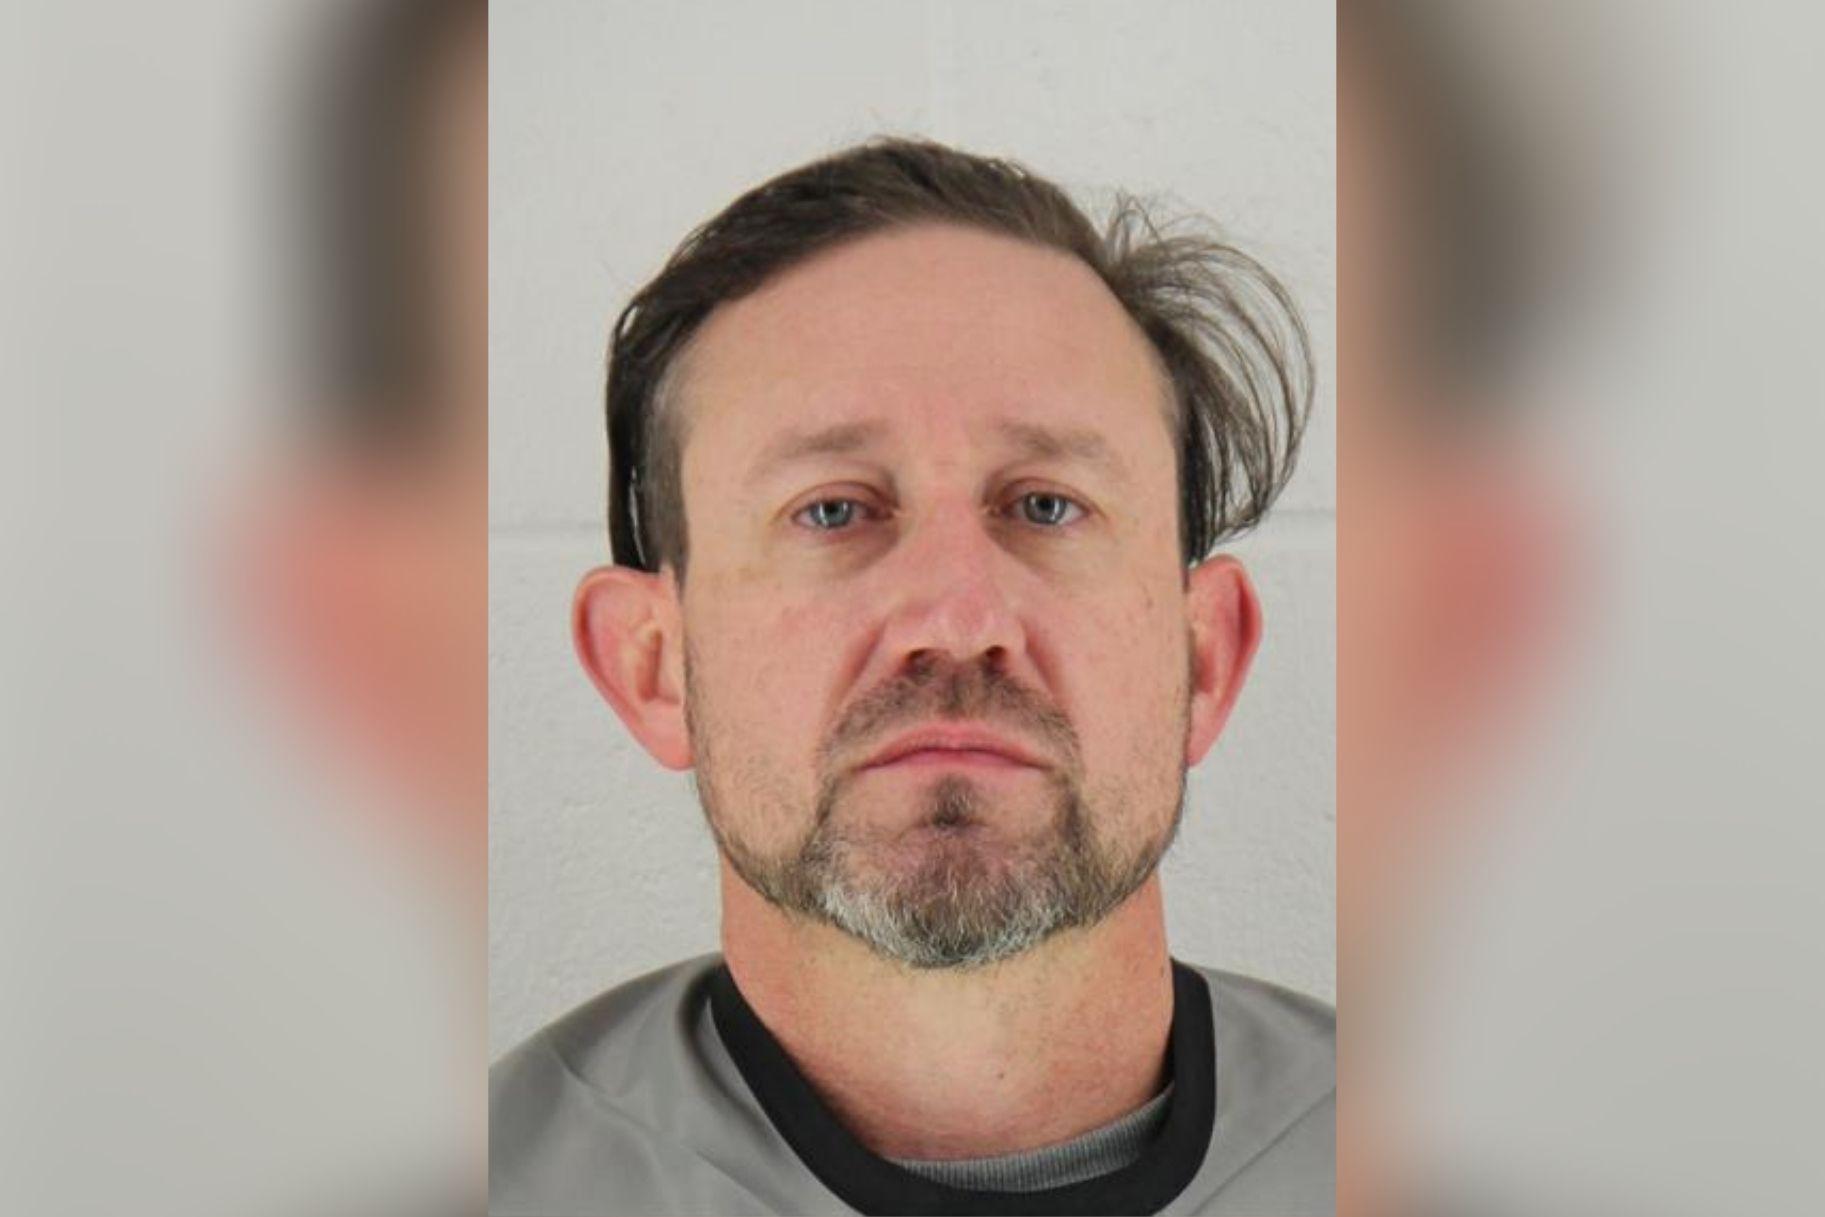 Собственикът на наркозависимия в Канзас е обвинен в трафик, след като полицията твърди, че е намерила наркотици и пари в колата му